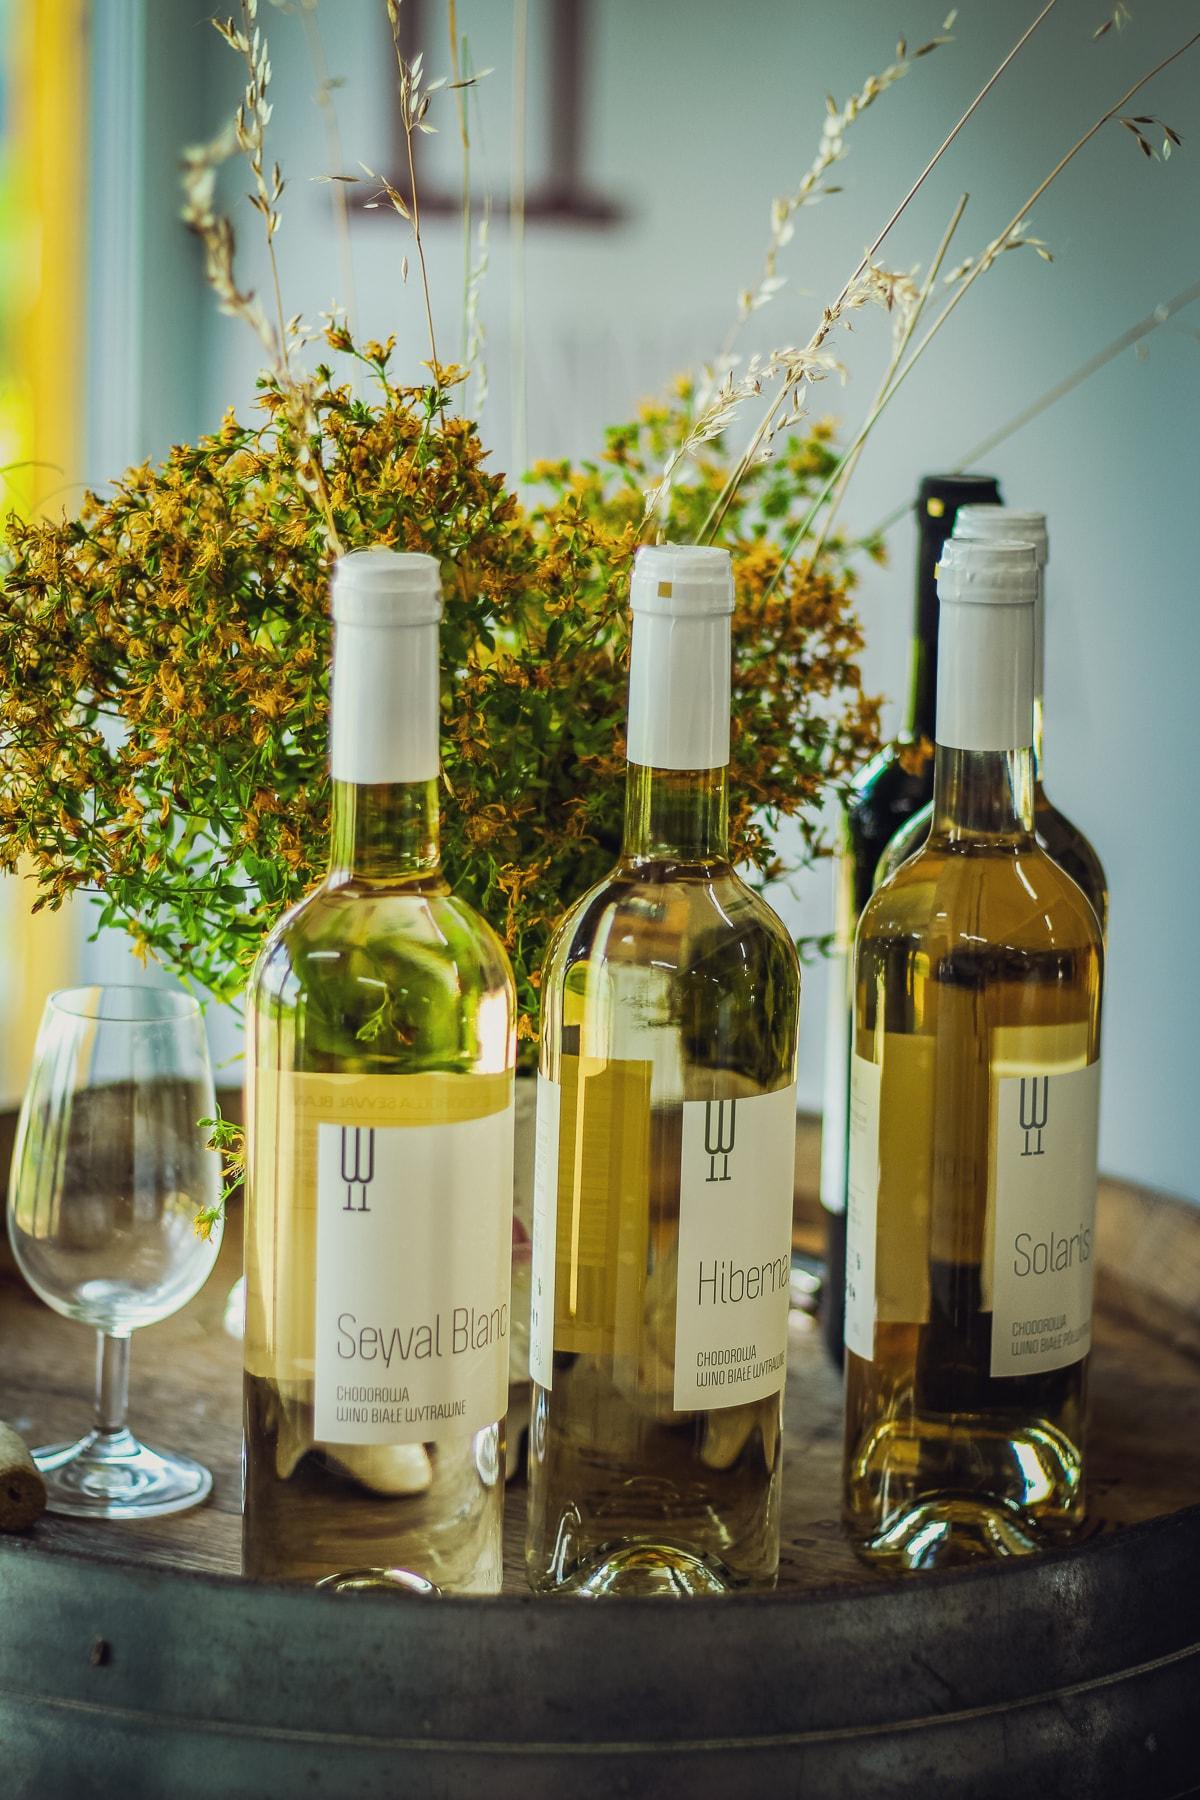 Winnica chodorowa degustacja